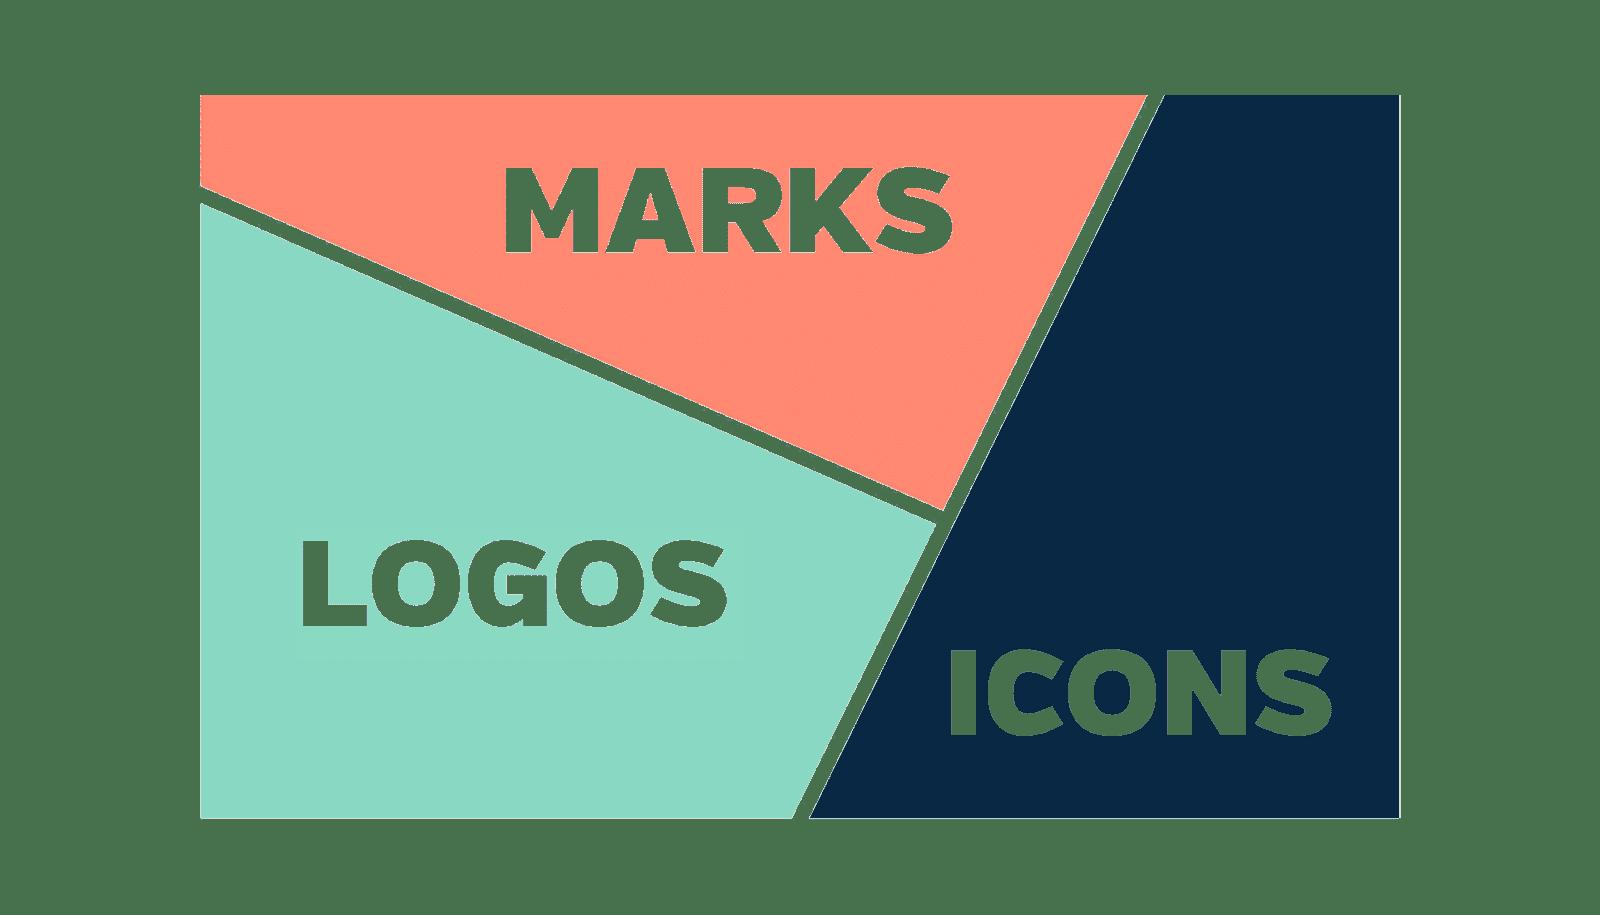 Logo Designs from 2007 till 2012